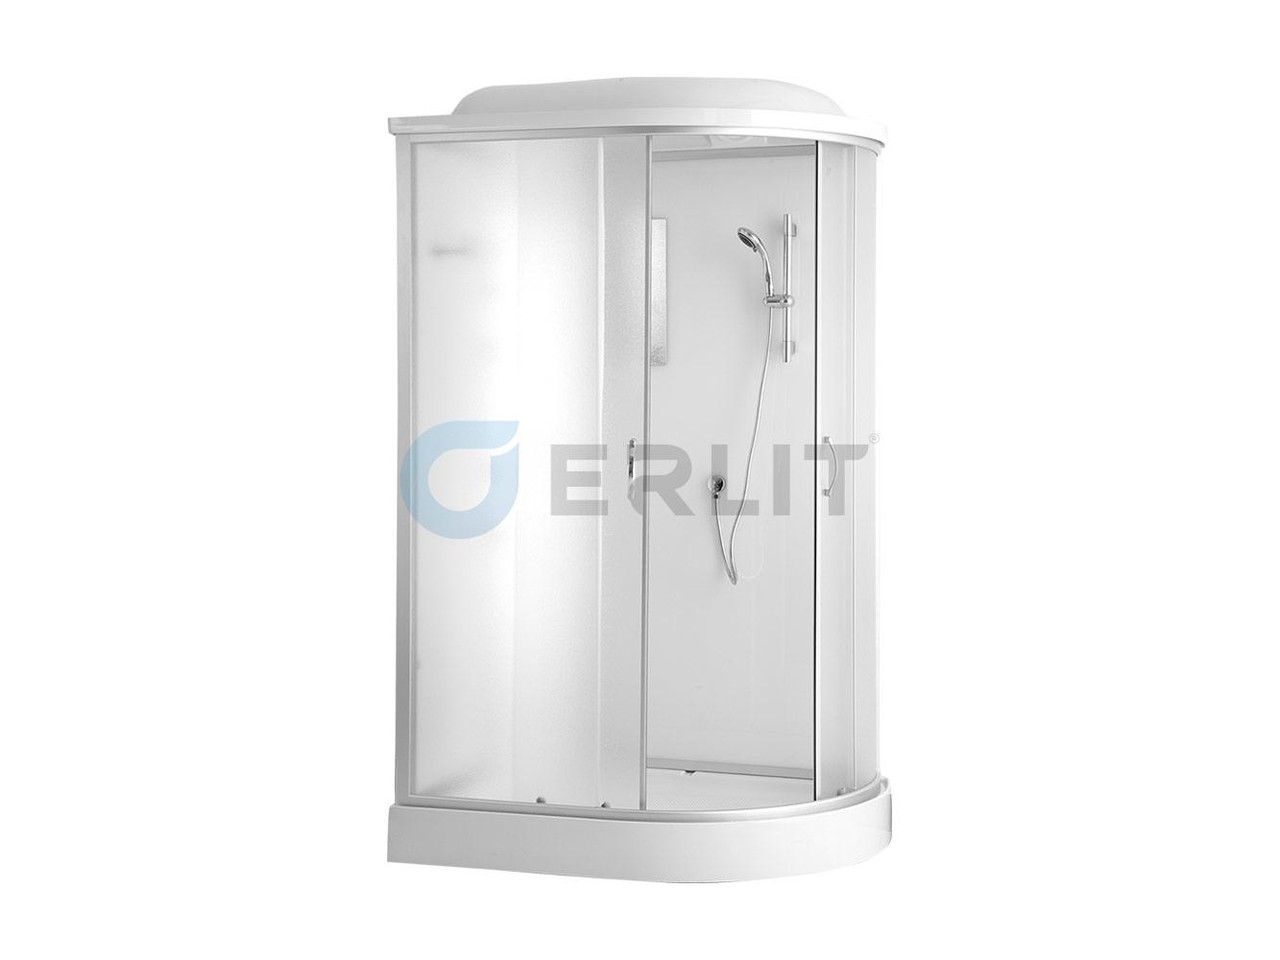 Душевая кабина Erlit ER3512PL-C3 1200*800*2150 низкий поддон, светлое стекло